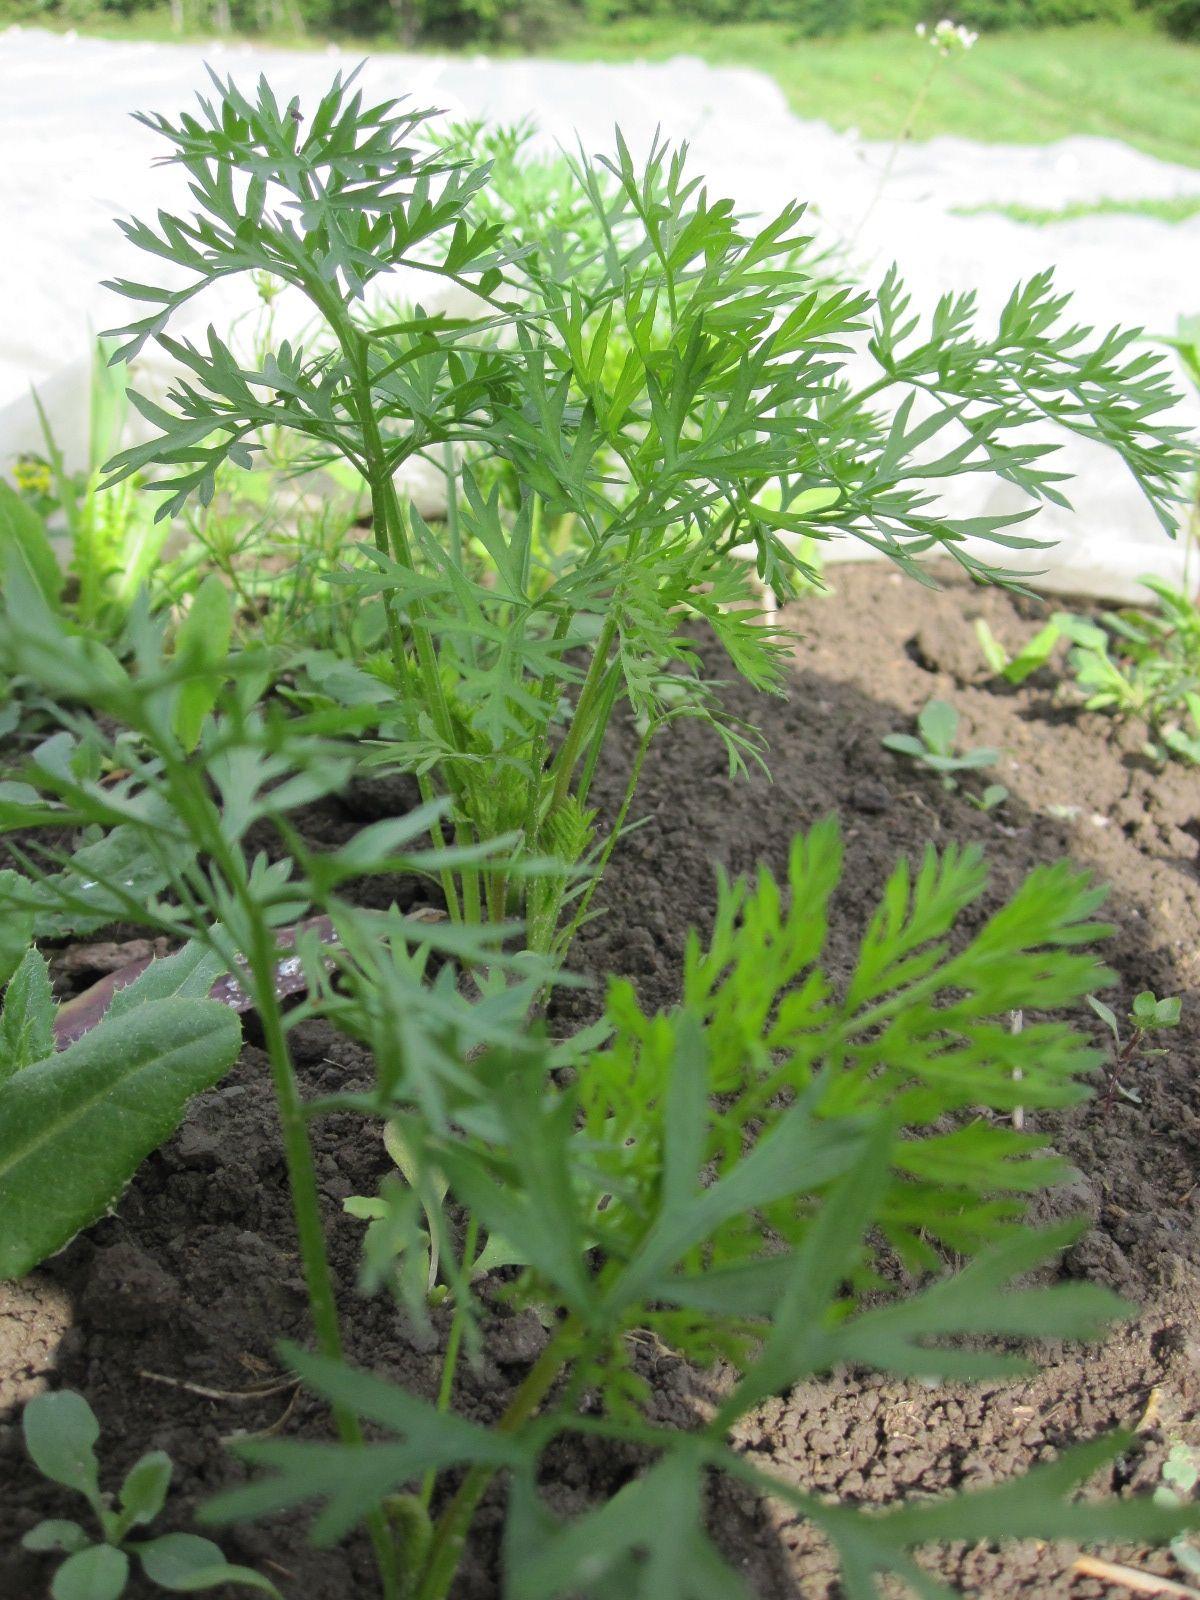 Viime viikolla kitketyt porkkanat kiittävät ja ovat lähteneet hyvään kasvuun